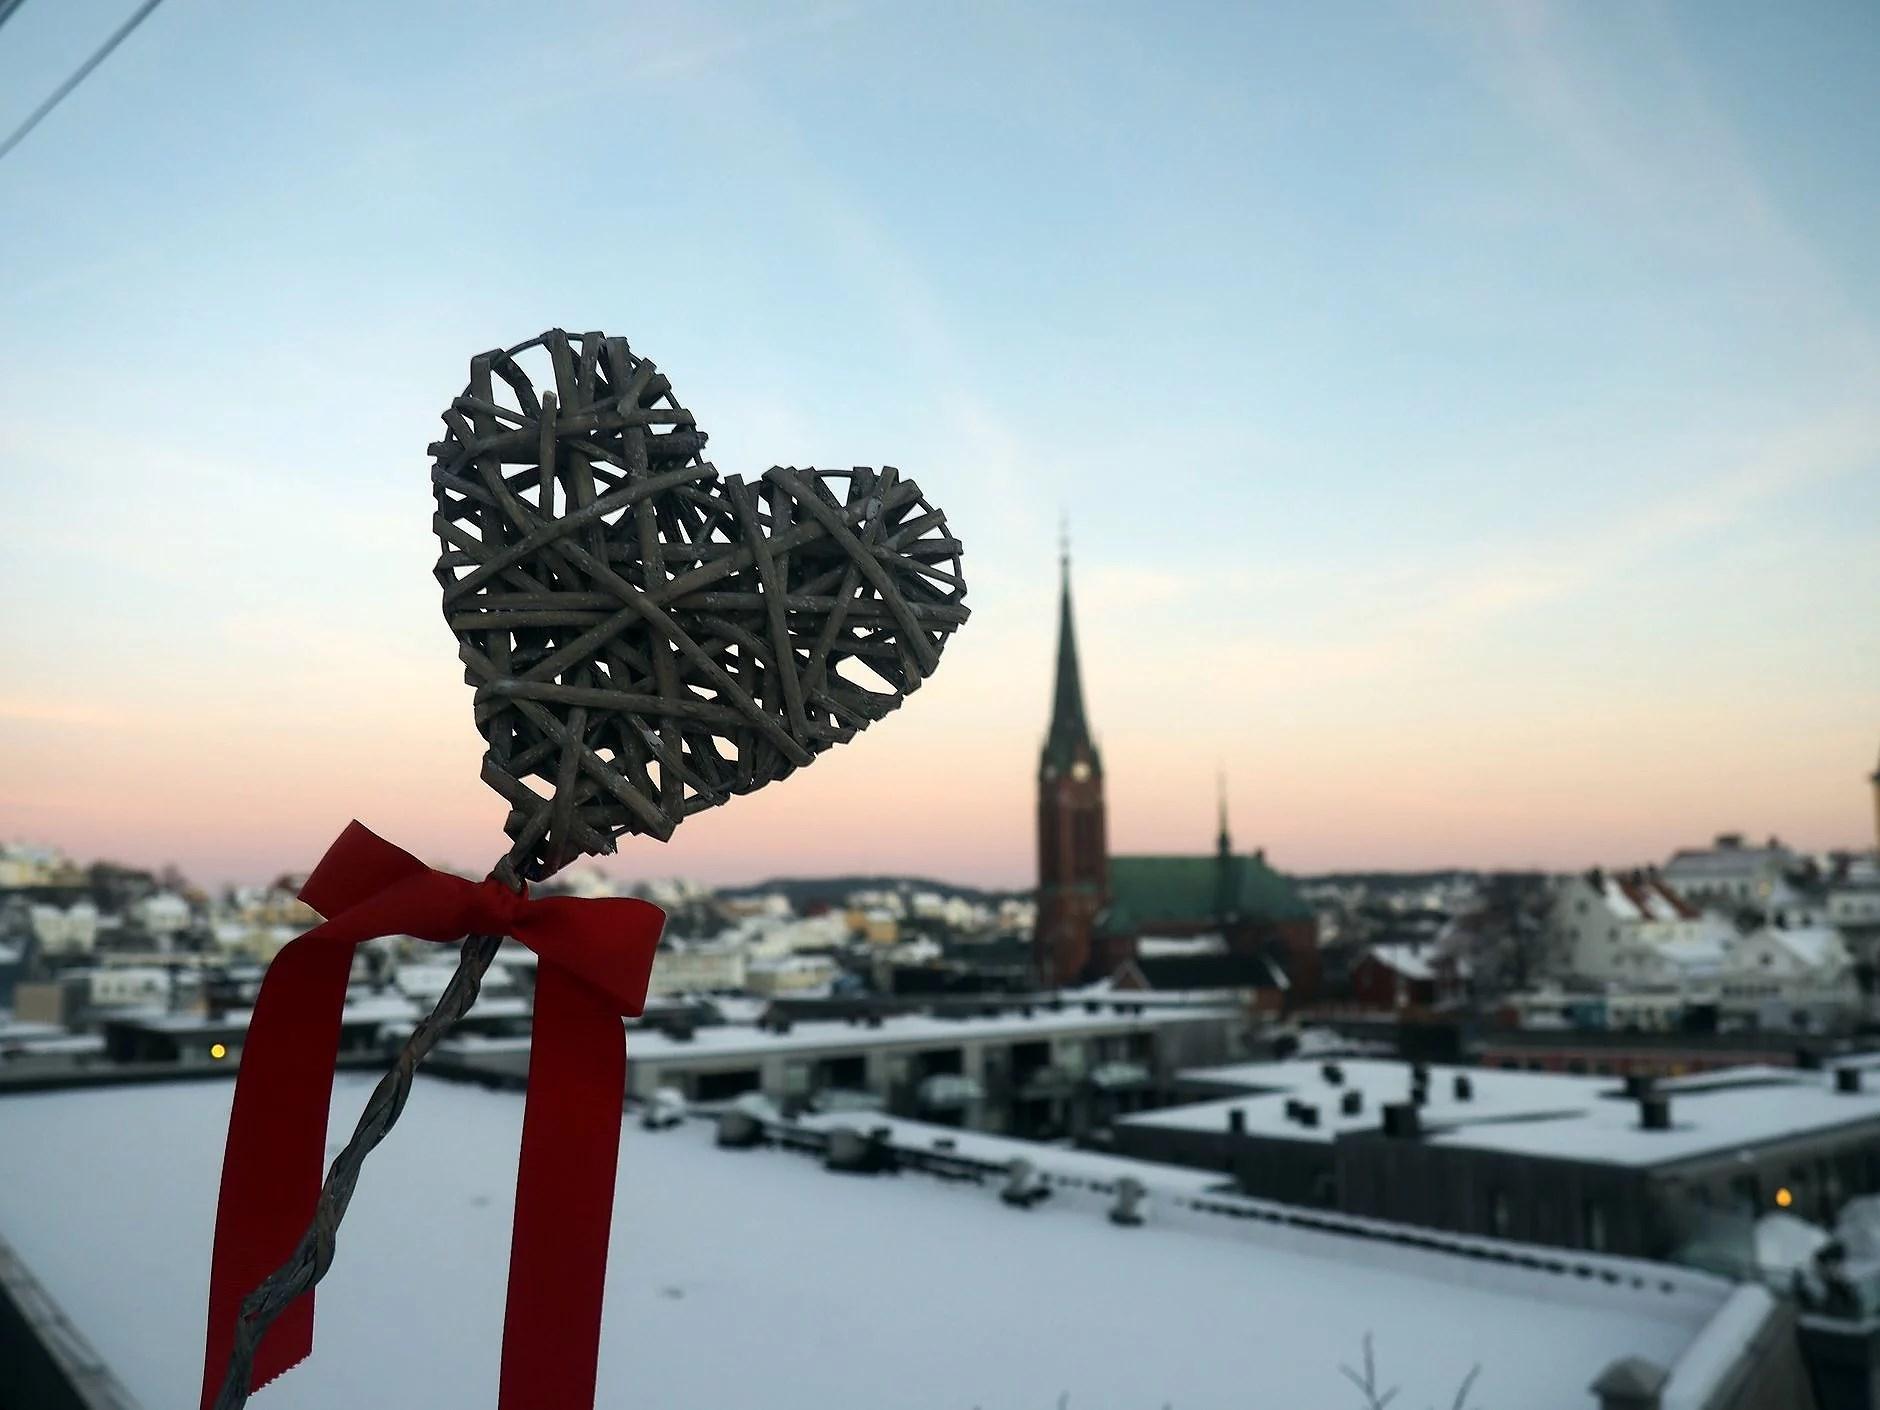 VIDEOBLOGG: Valentinsdag